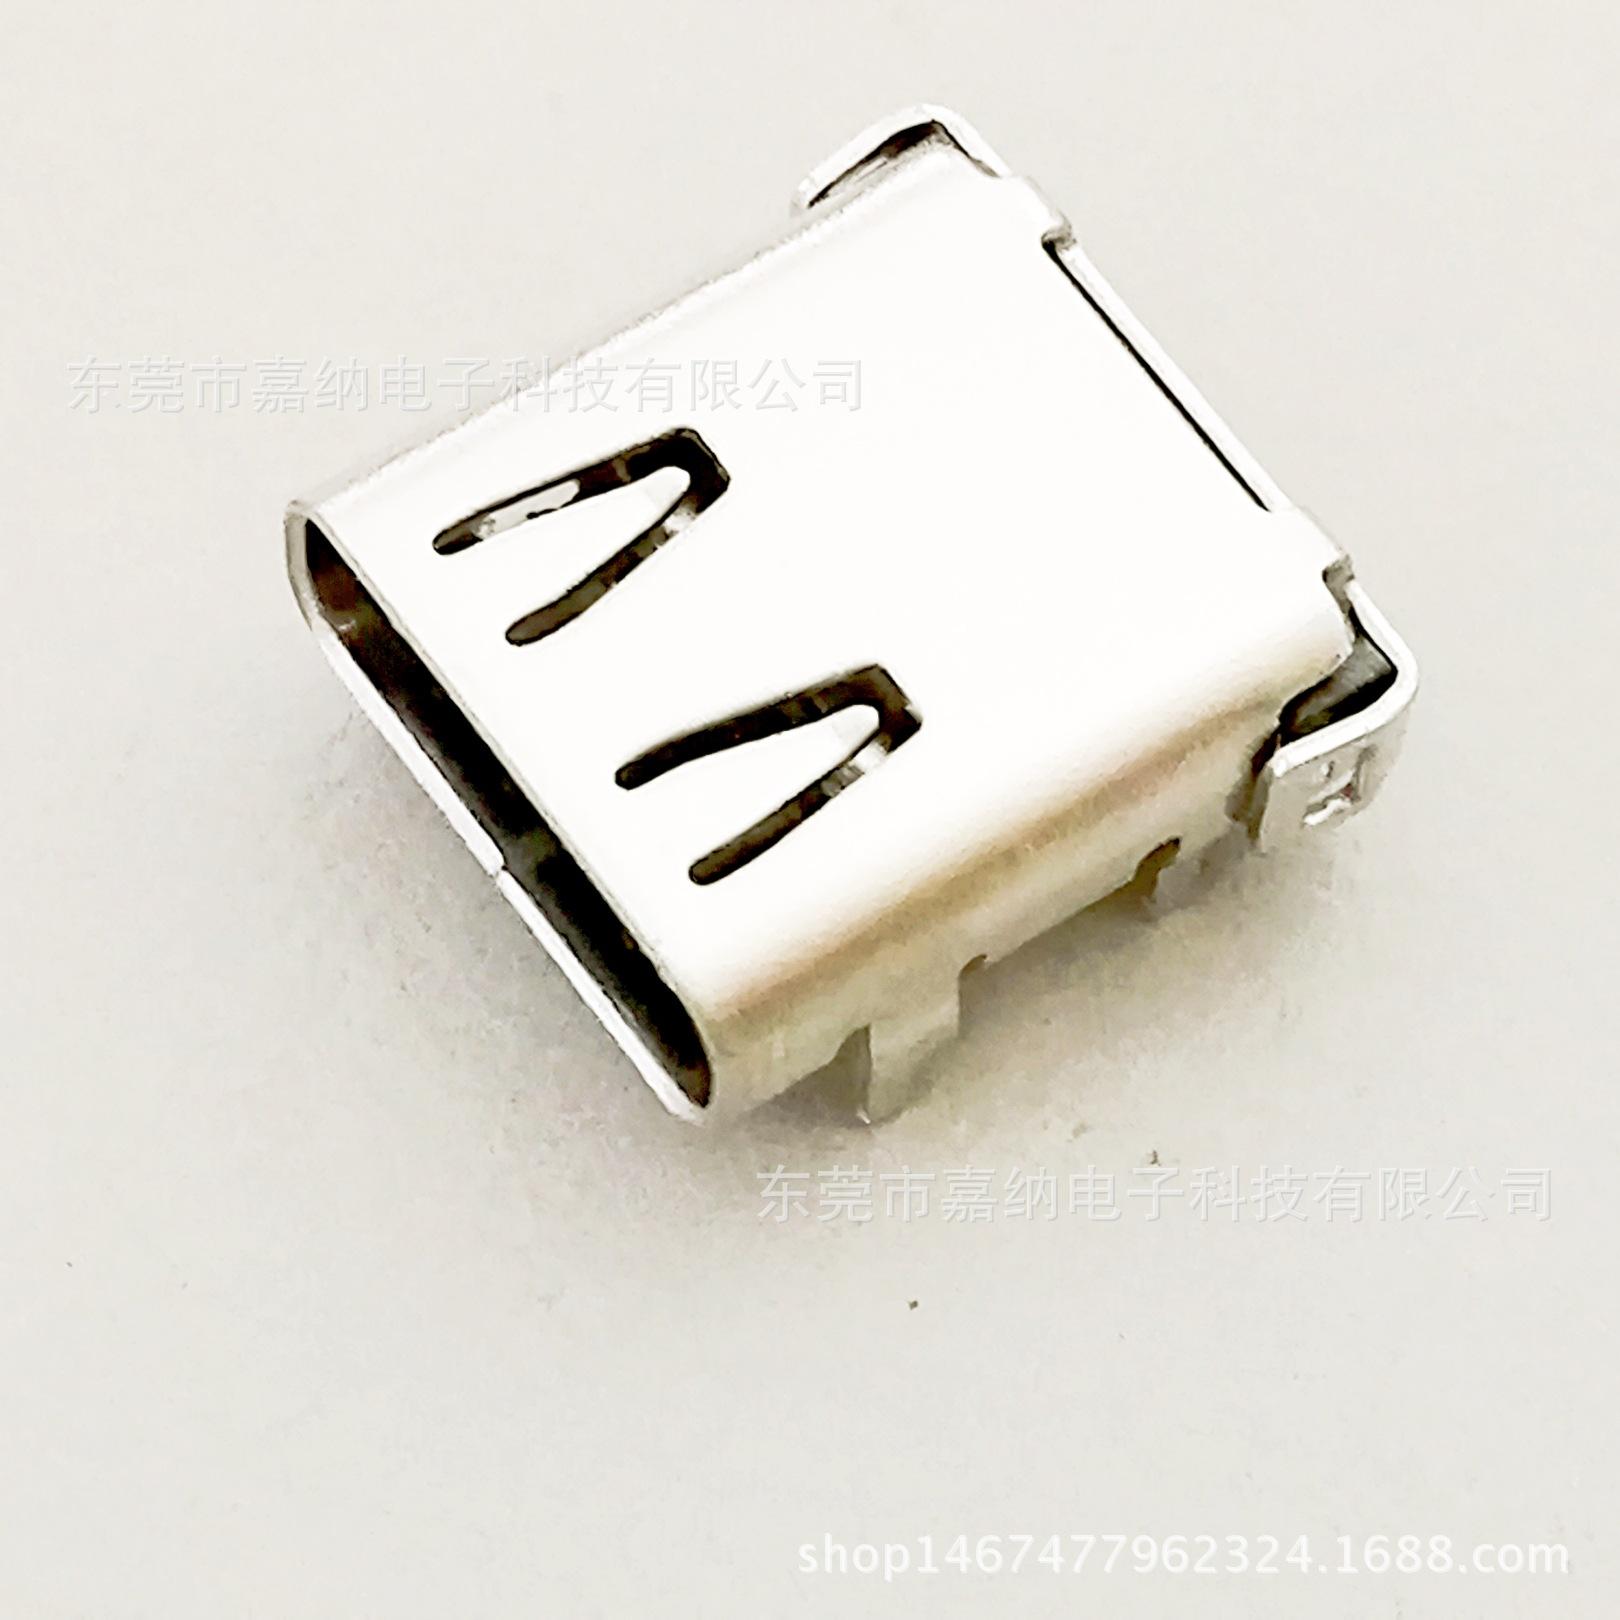 手机连接器USB 3.1 A/F 母26PDIP+SMT带屏敝